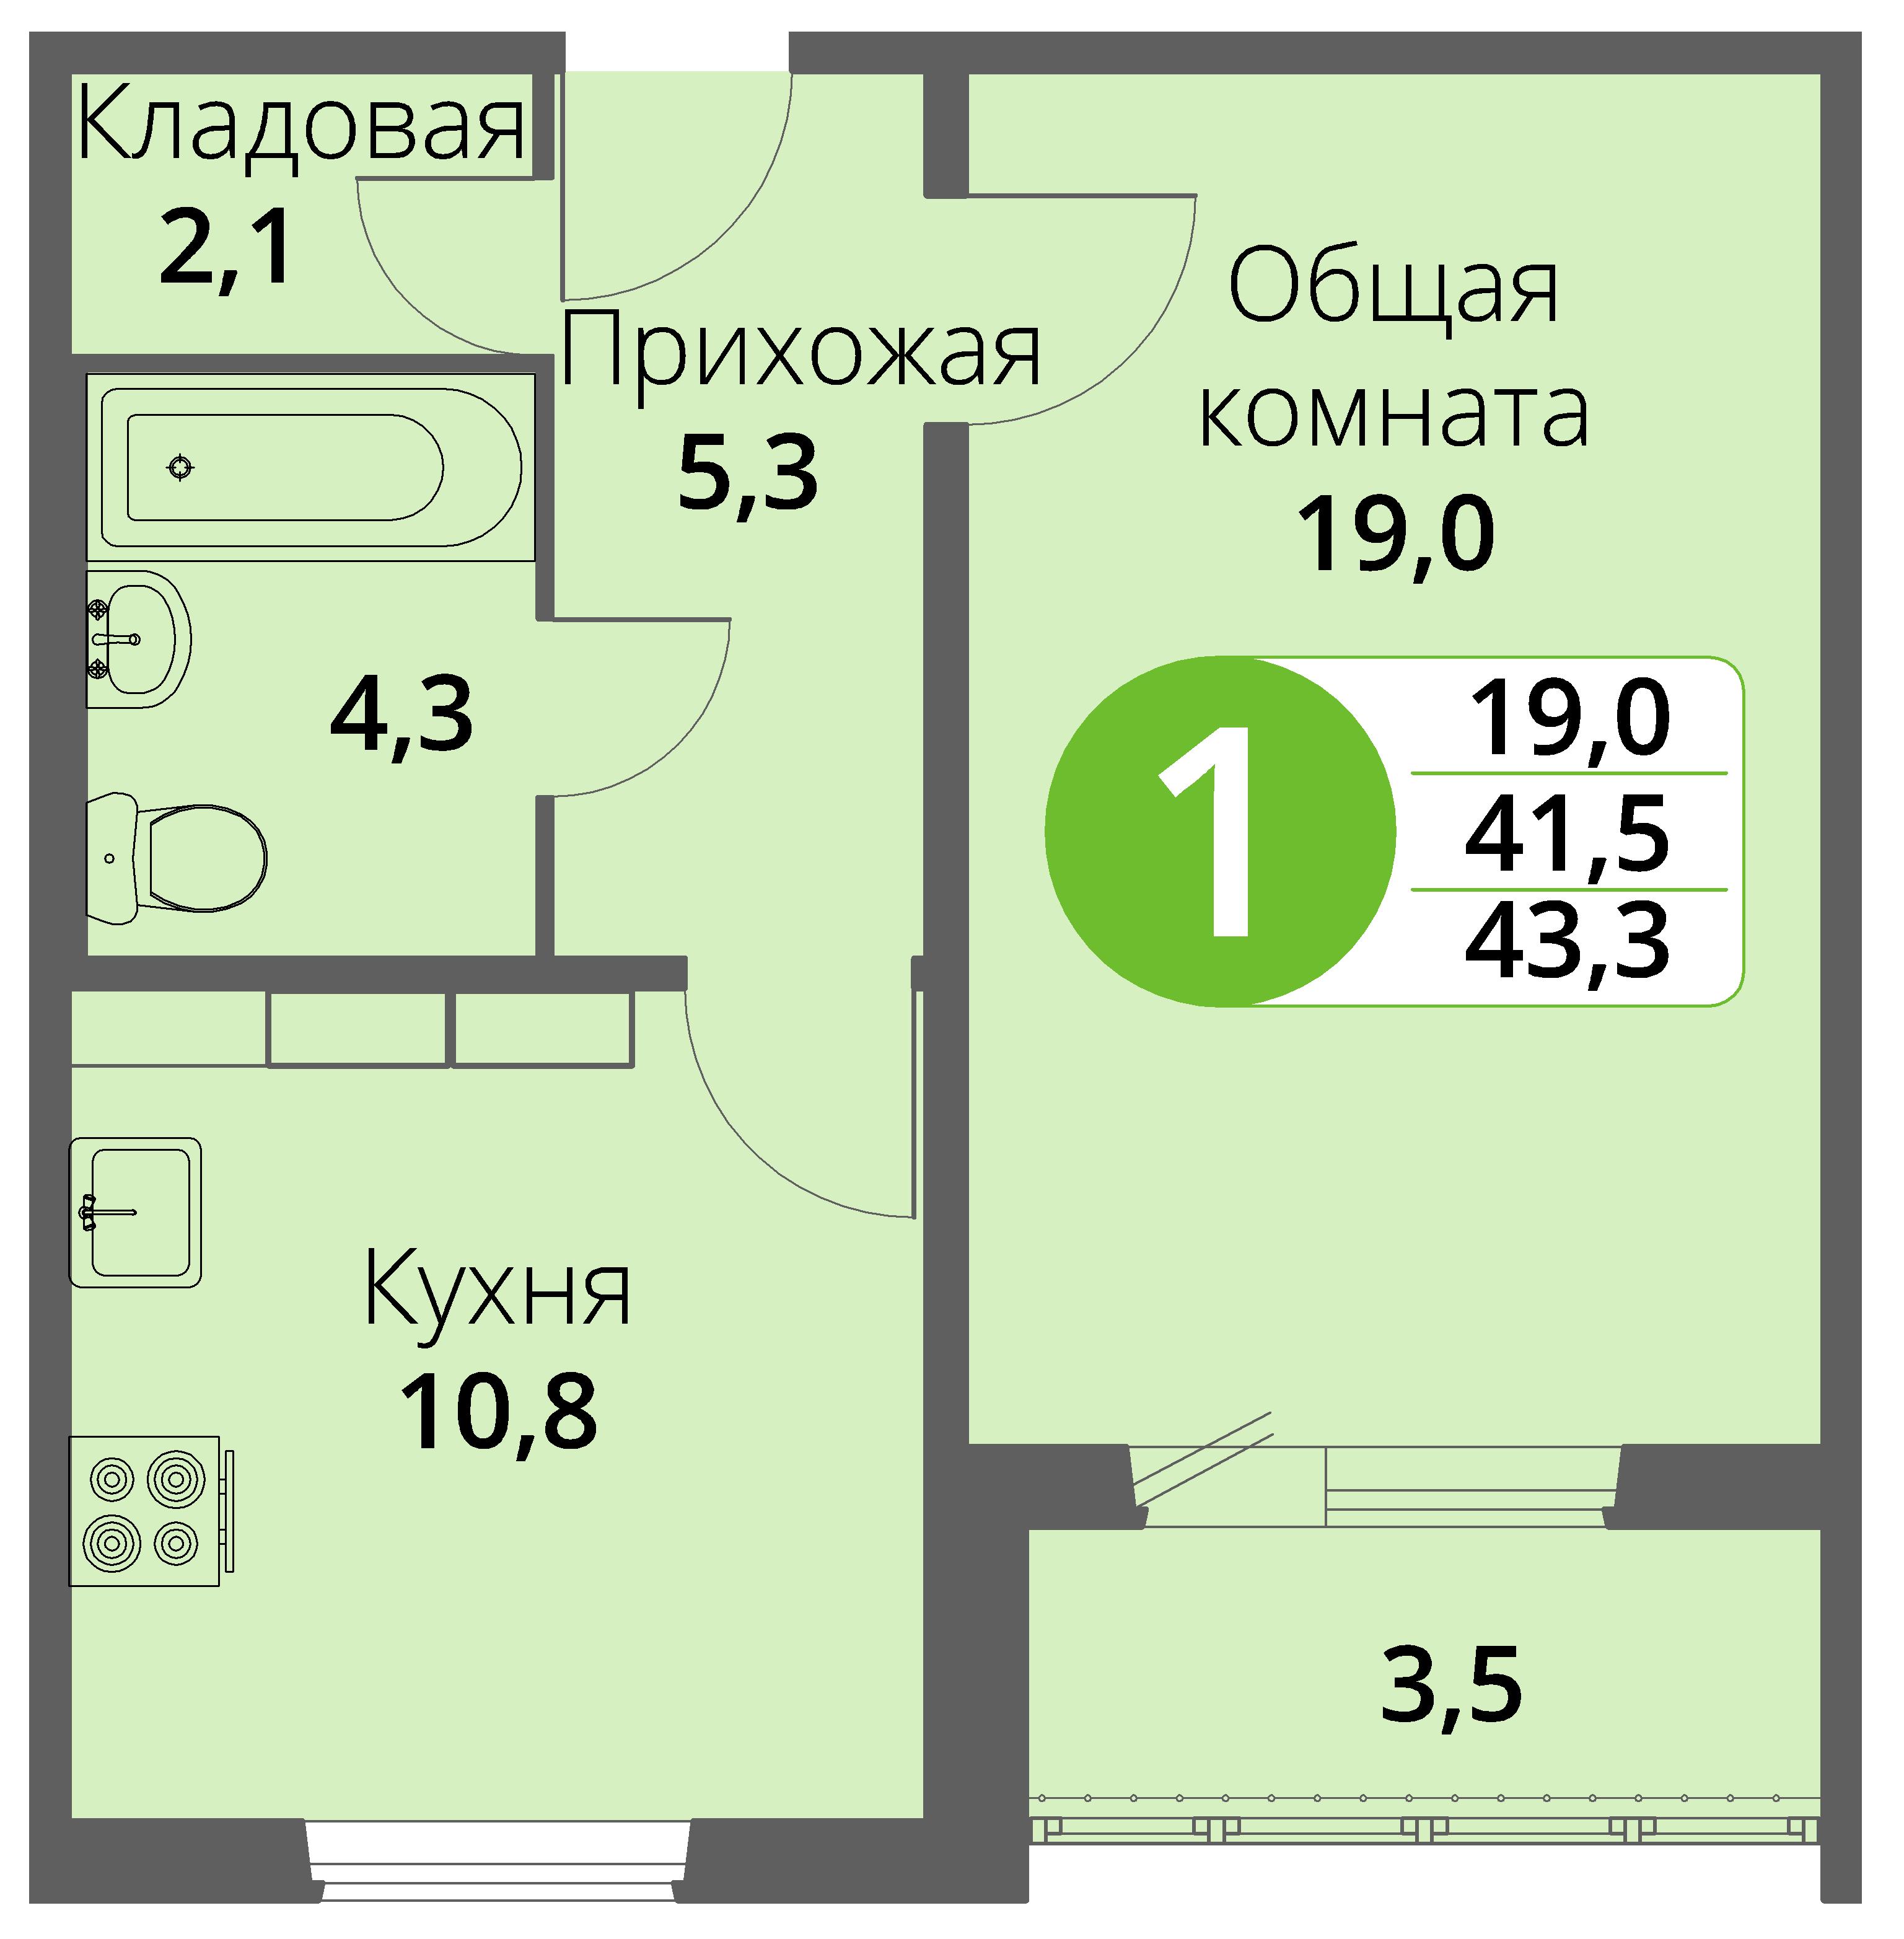 Зареченская 1-1, квартира 142 - Однокомнатная